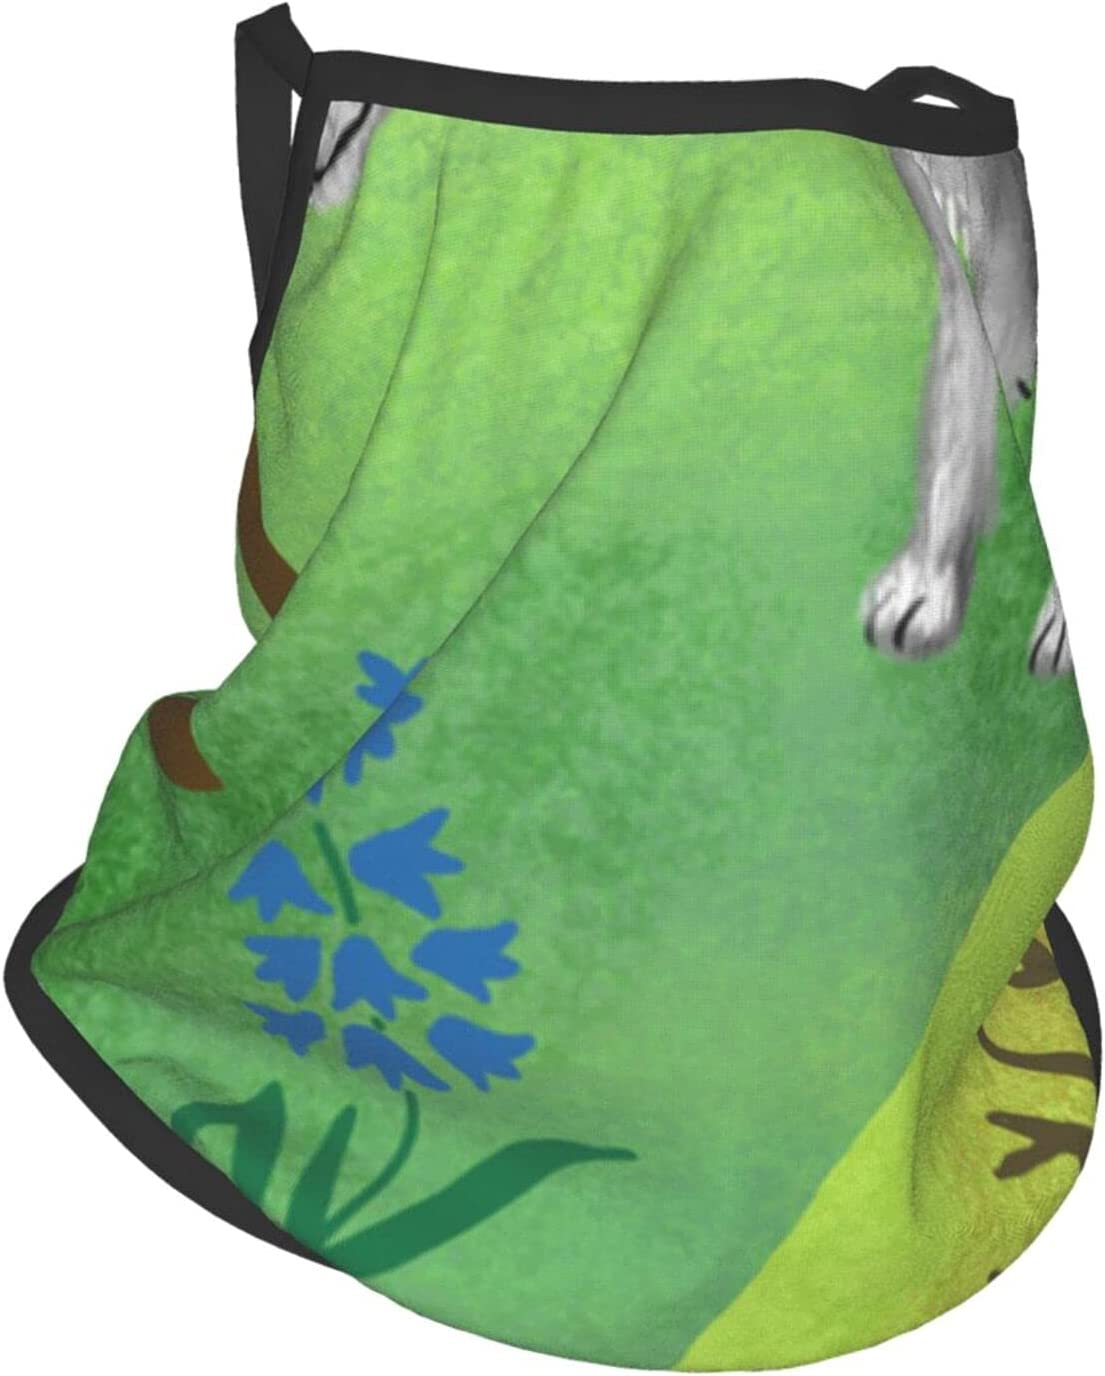 Gbyuhjbujhhjnuj Lindo perro plegable protector de boca cubre la cara del cuello bufanda reutilizable lavable bandanas para hombres mujeres adultos